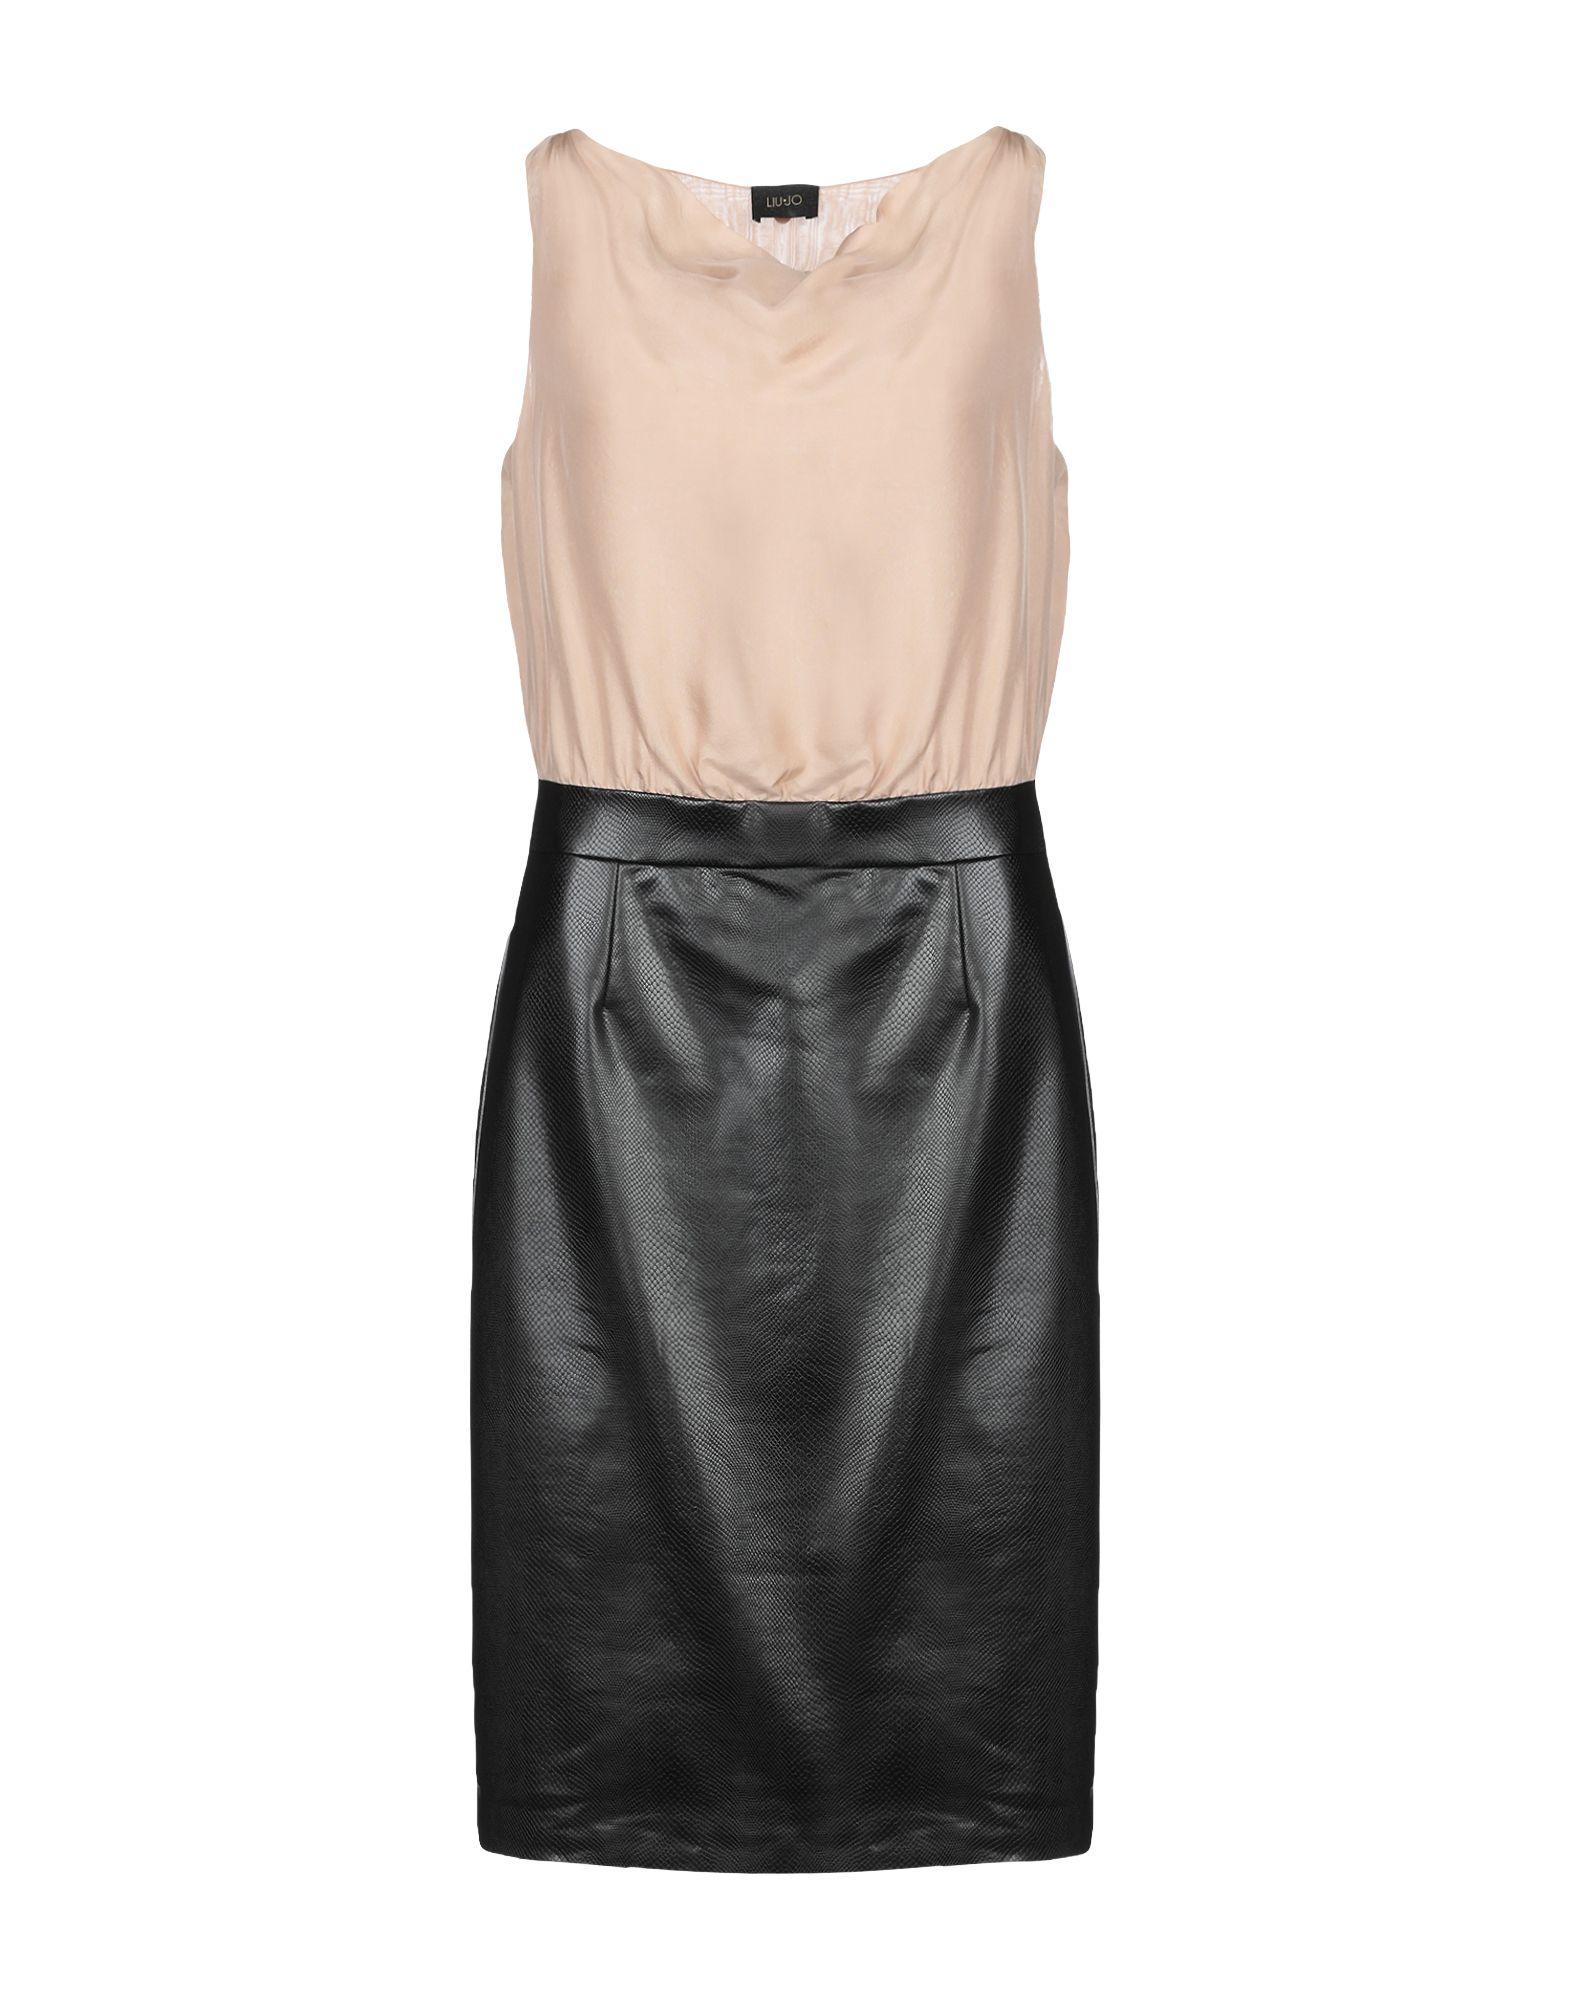 Vestiti Donna Liu •Jo Collezione Primavera-Estate e Autunno-Inverno -  Acquista online su YOOX 462fe98e217